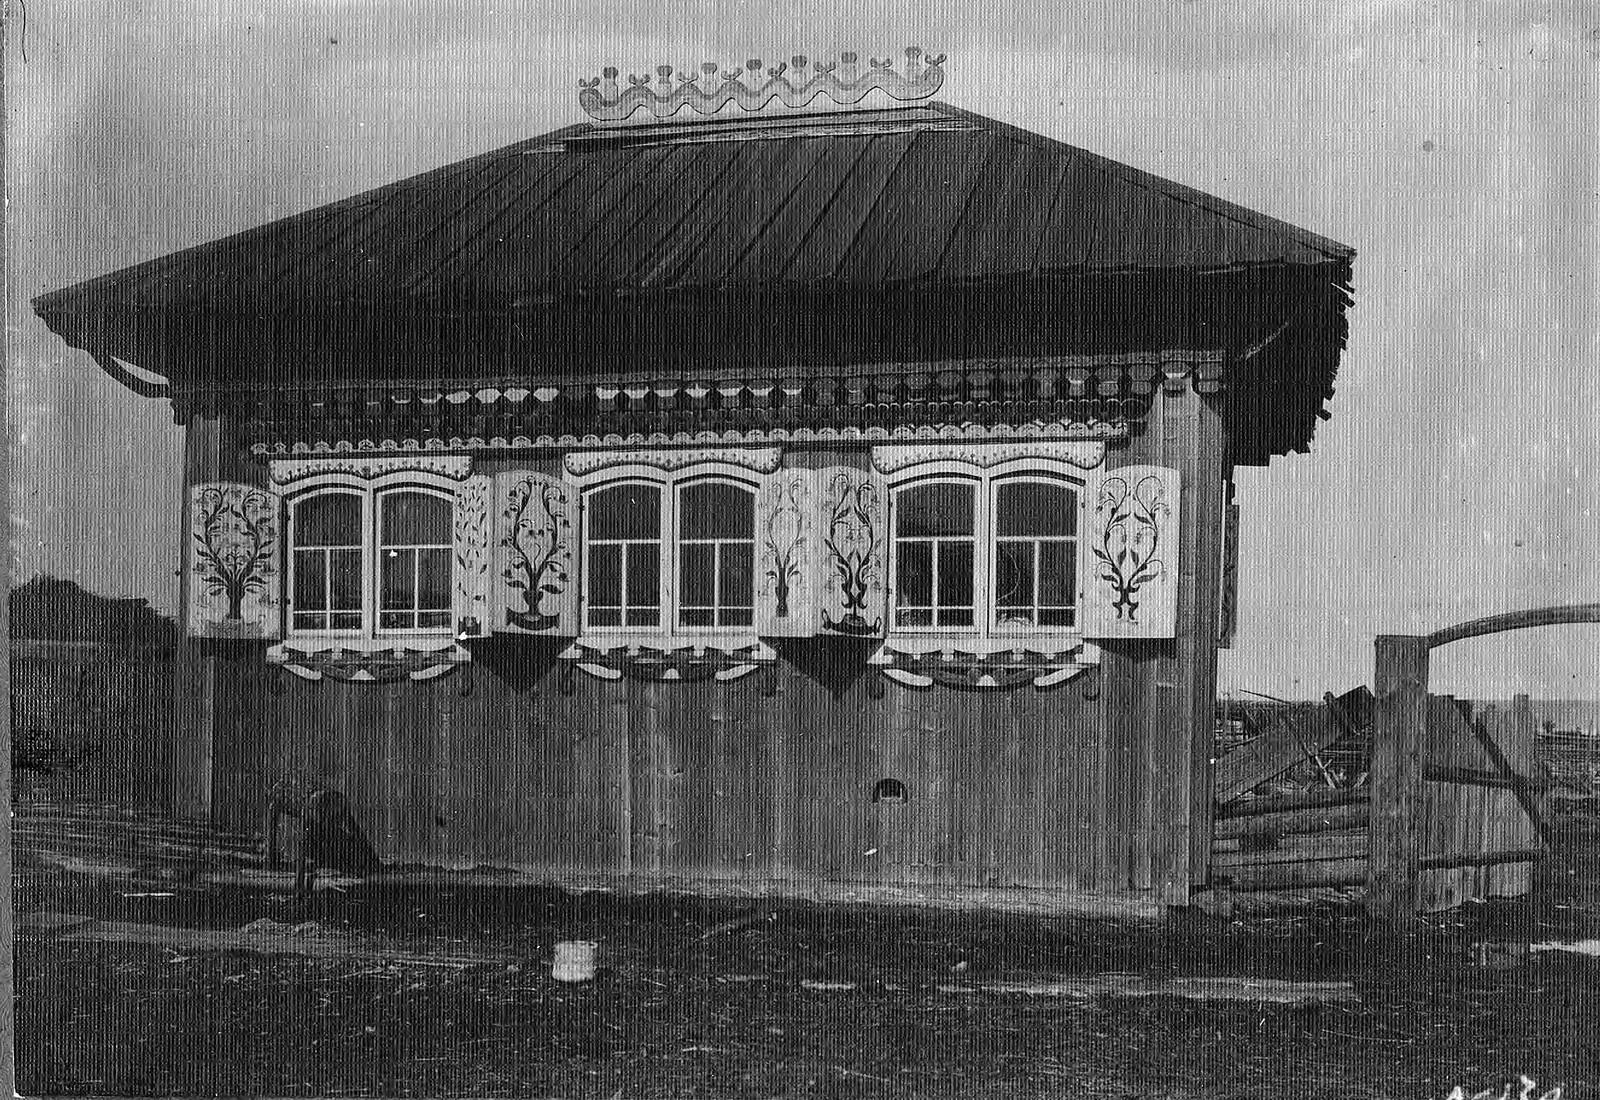 Изба в деревне Выдриной Канского уезда